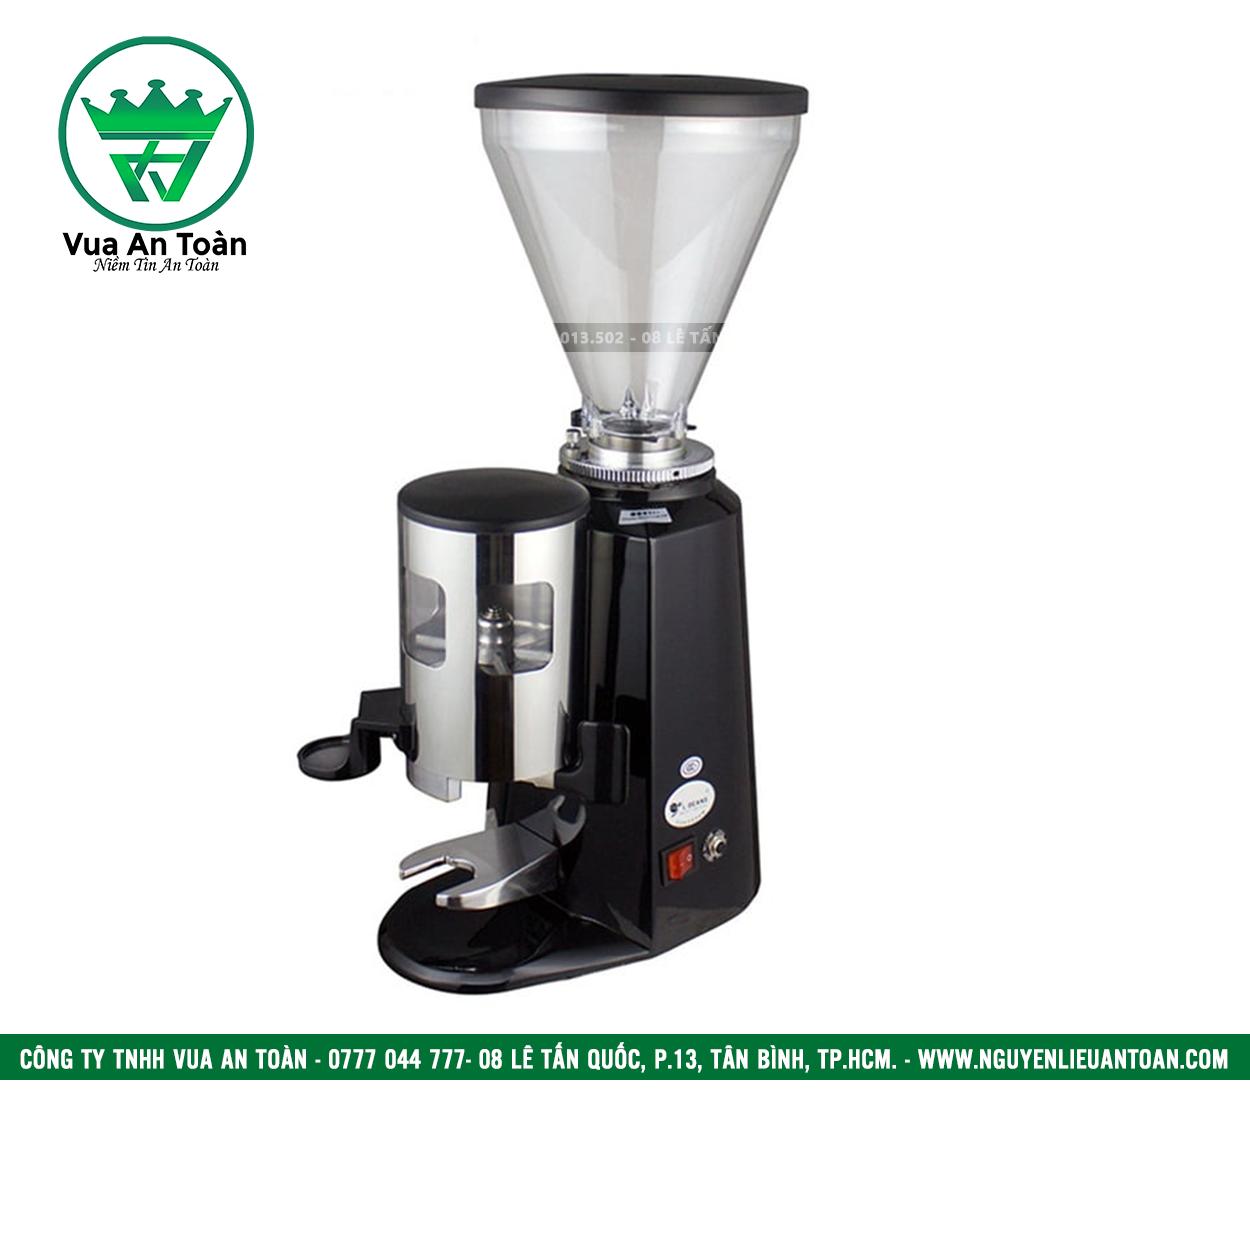 MÁY XAY CÀ PHÊ ESSPRESSO CHUYÊN NGHIỆP - COFFEE GRINDER